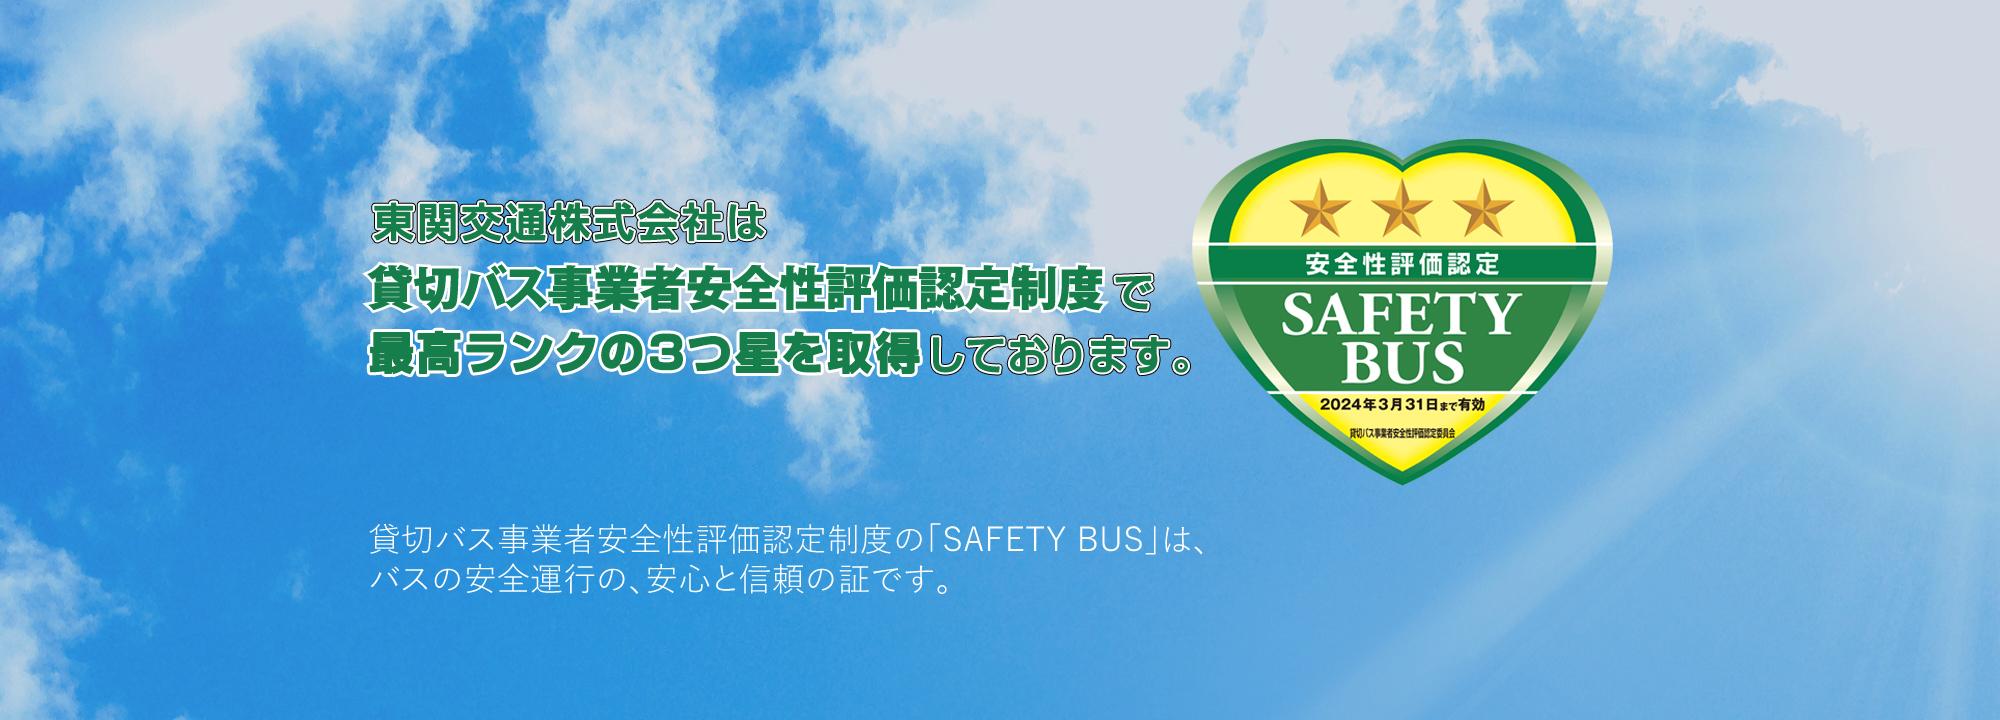 東関交通株式会社は貸切バス事業者安全性評価認定制度の認定事業者です。